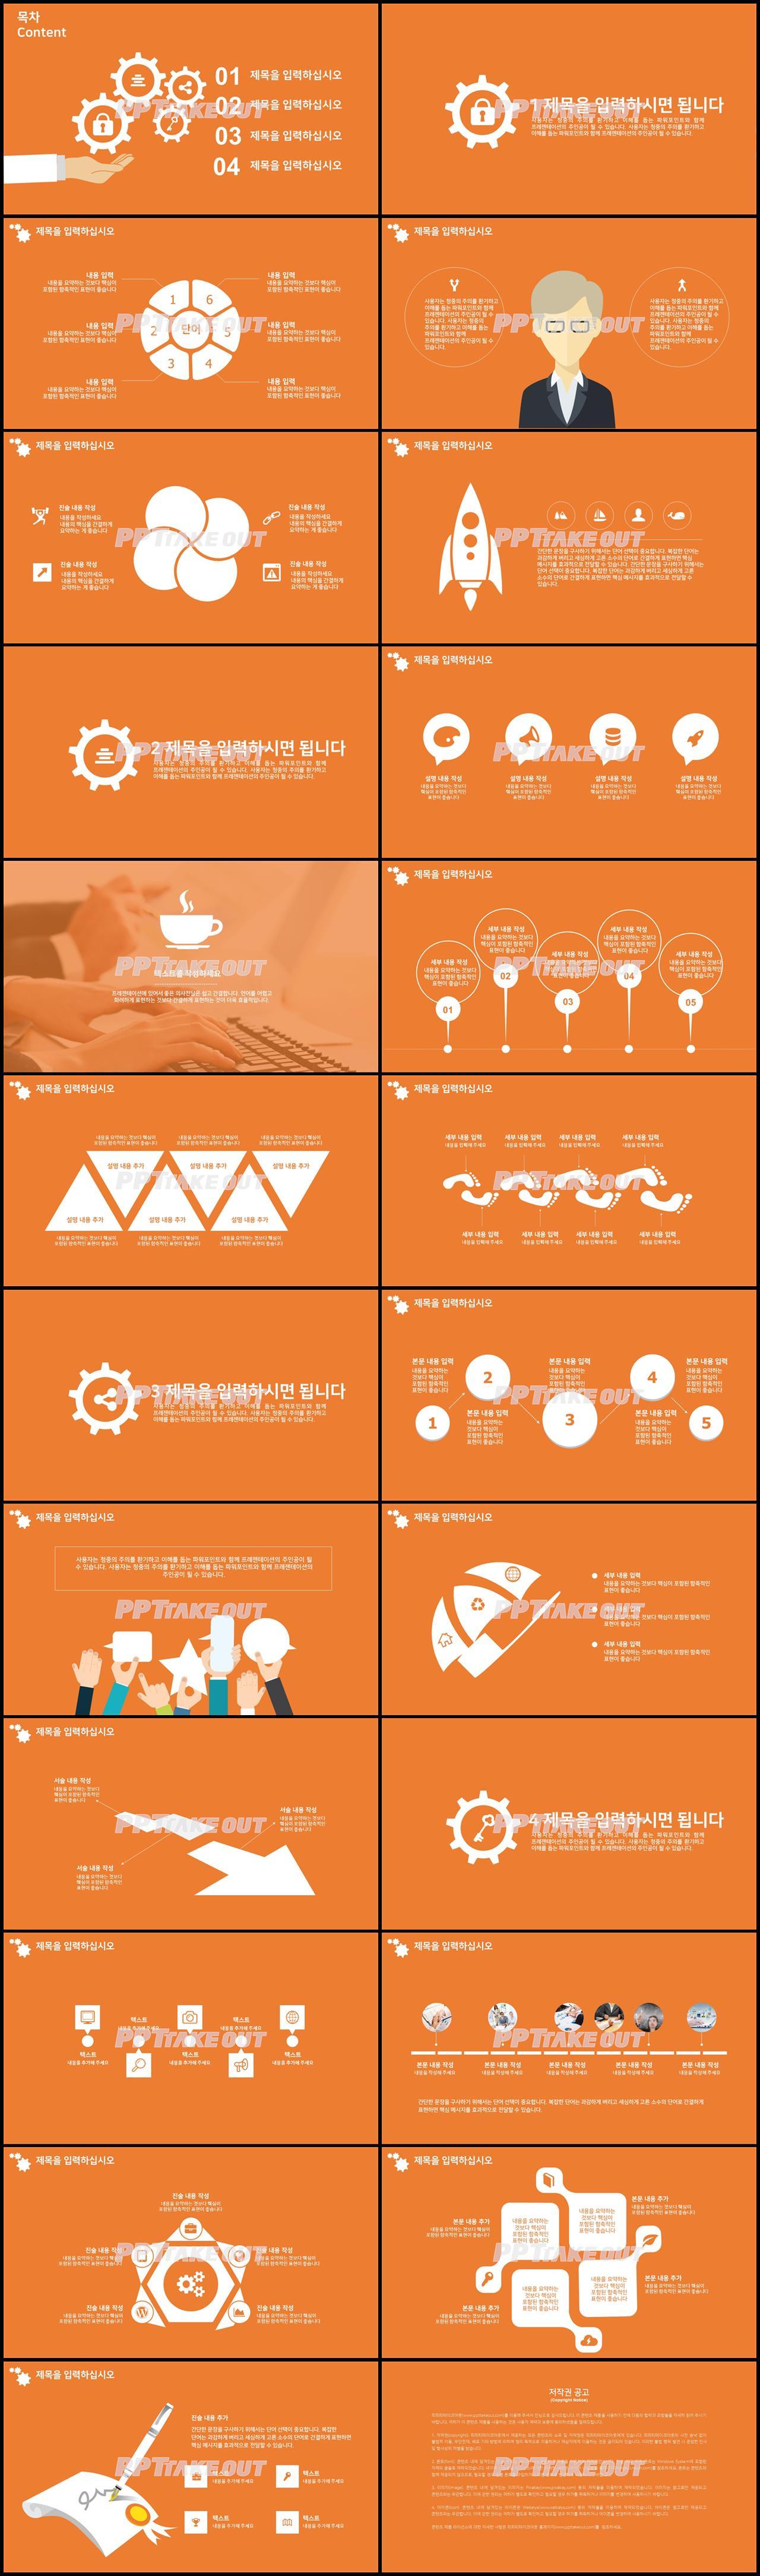 상업계획 울금색 인포그래픽 프로급 피피티템플릿 사이트 상세보기